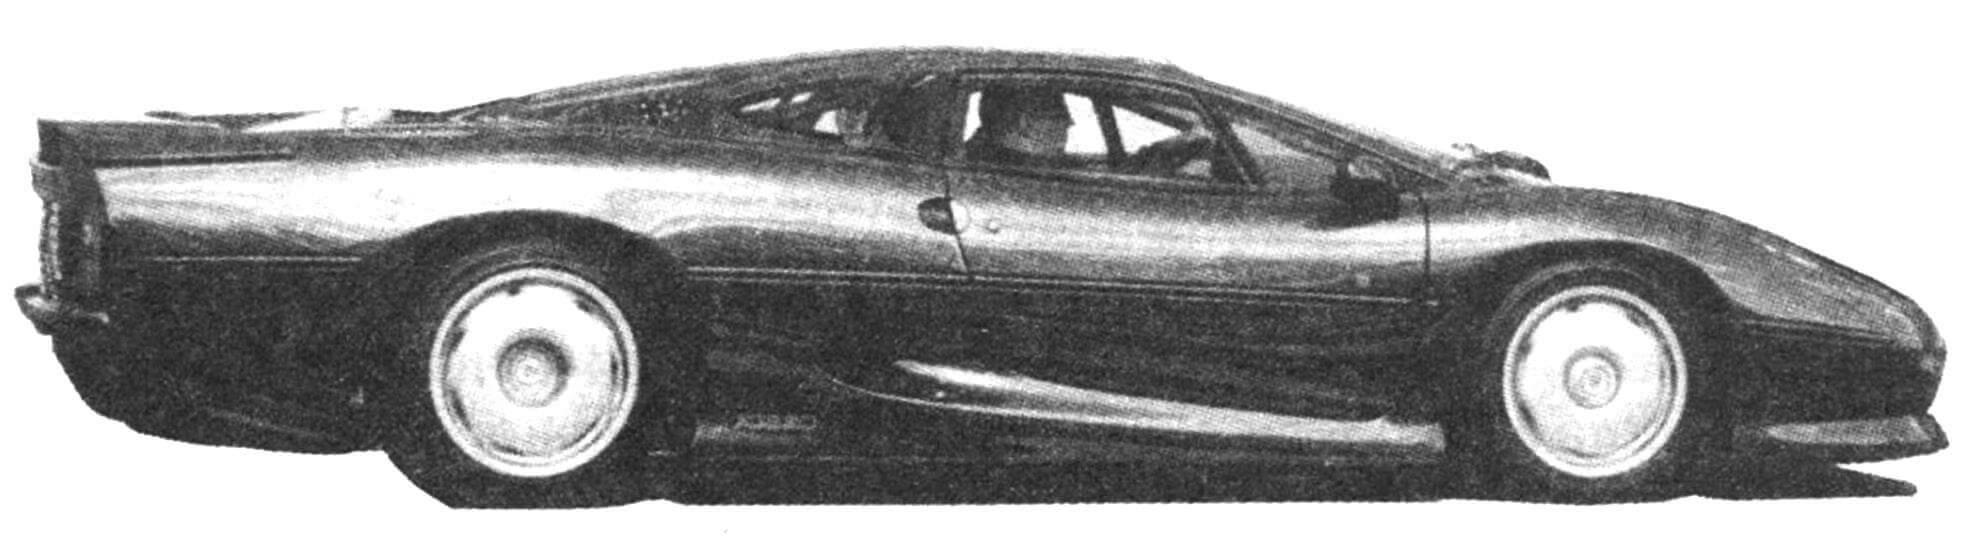 Автомобиль Jaguar XJ 220 1988 года